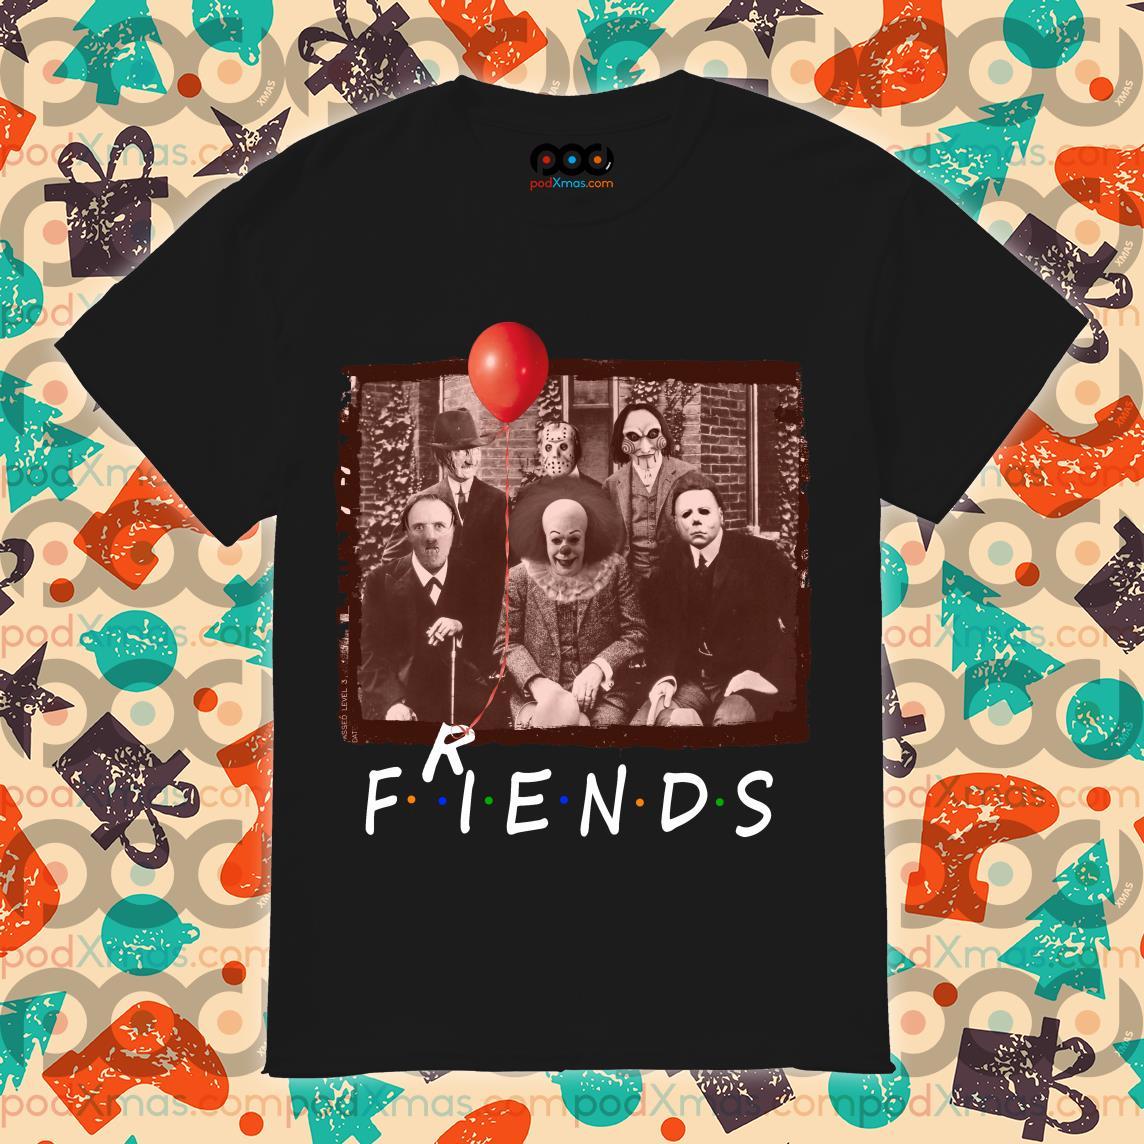 Friends Horror Halloween team shirt